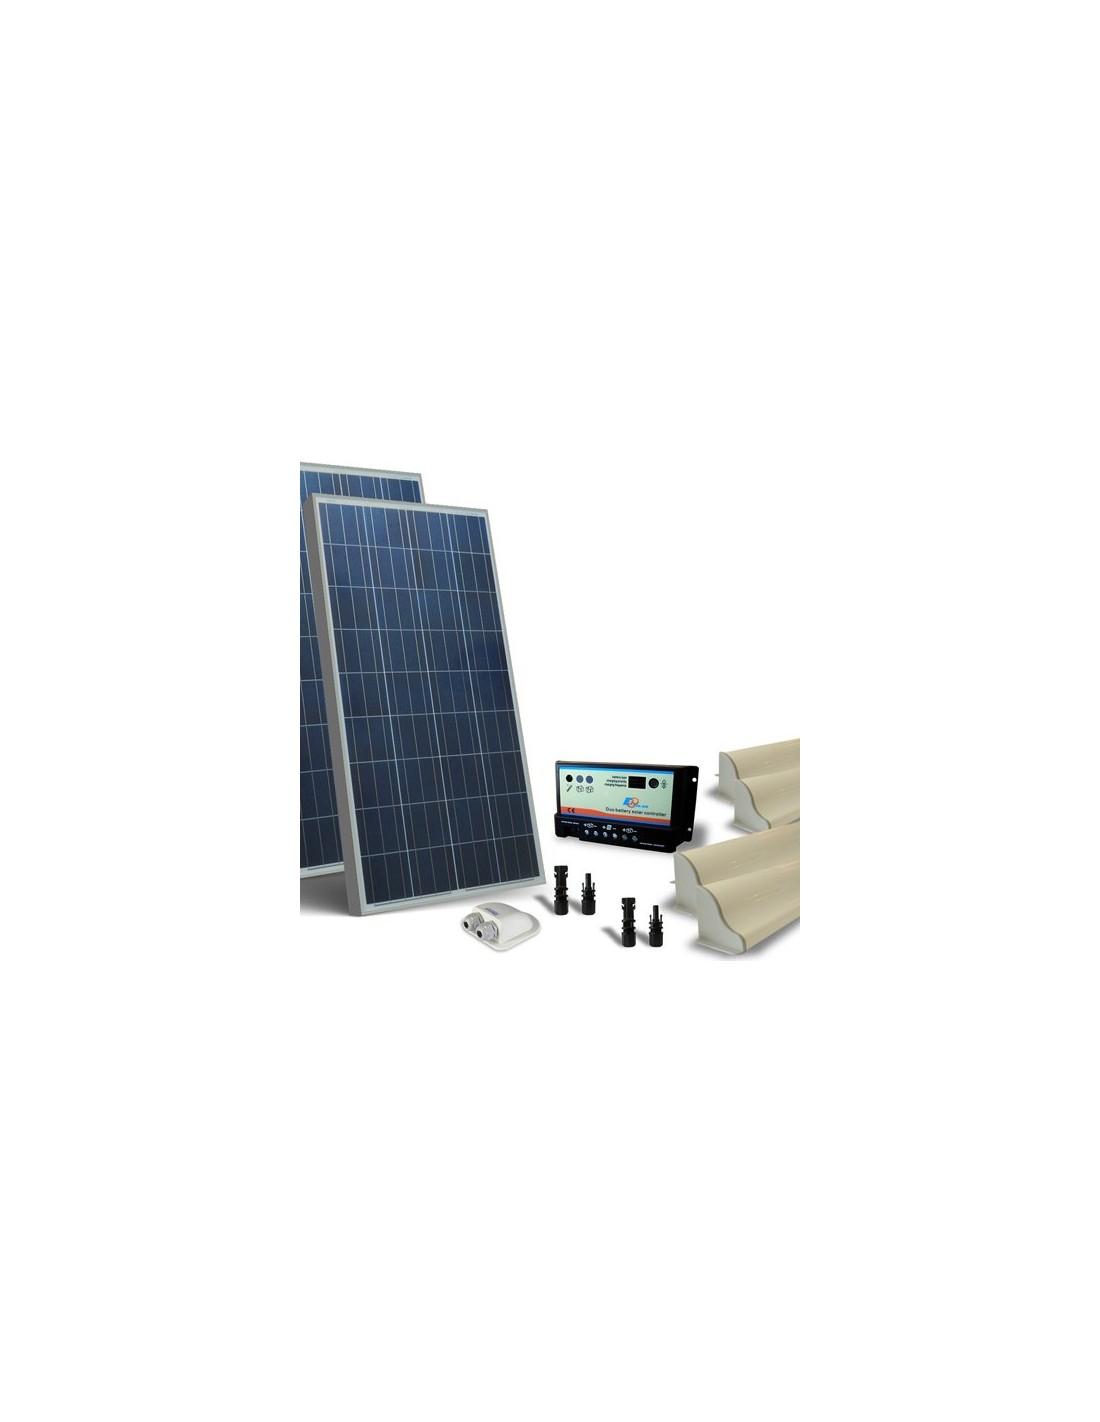 Kit Pannello Solare Roulotte : Kit solare camper w v base pannello fotovoltaico